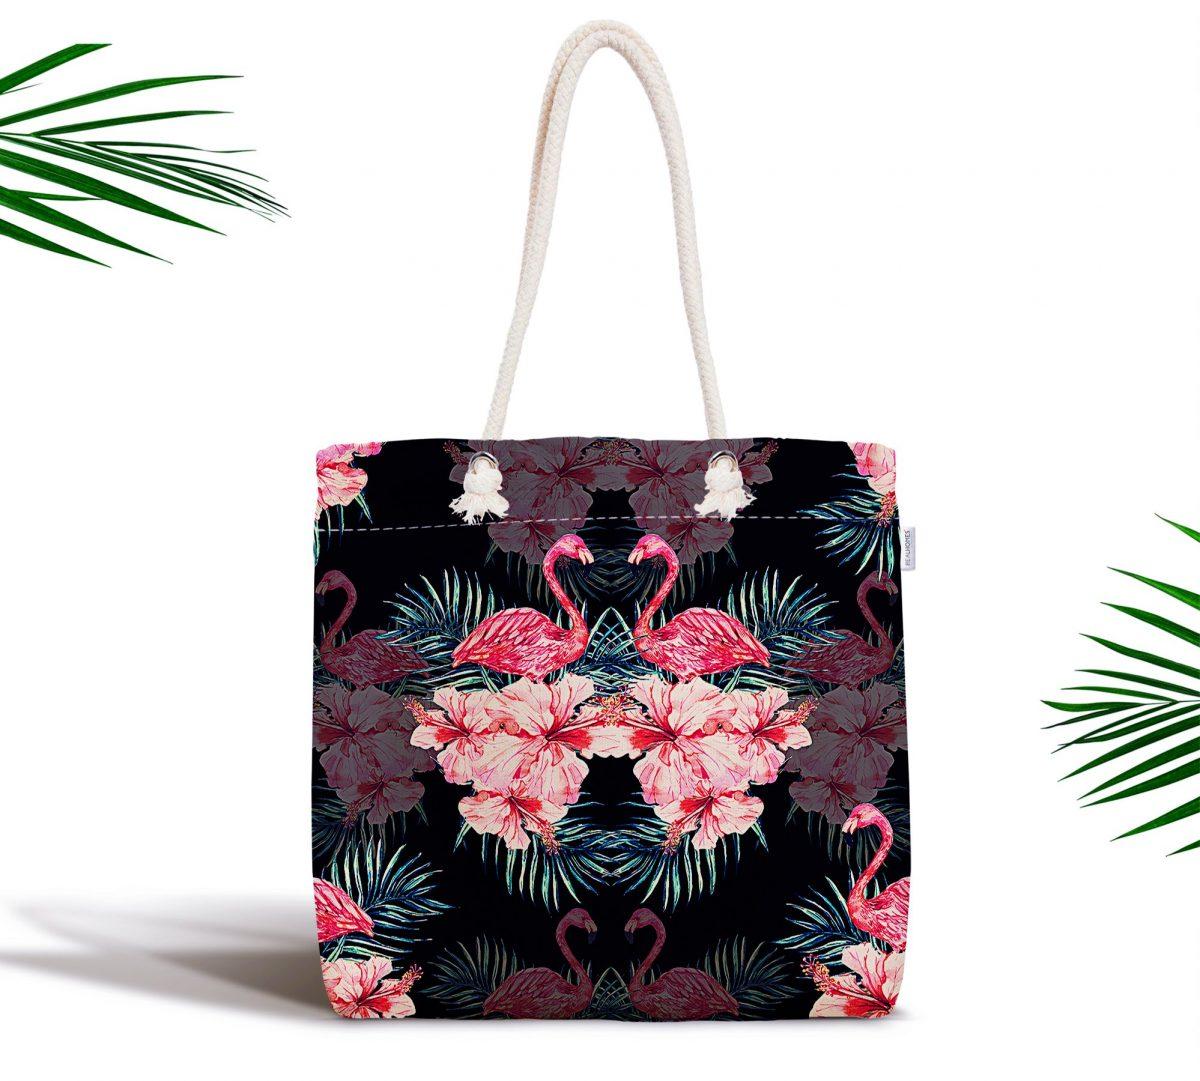 Siyah Zeminde Lilyum ve Flamingo Özel Tasarım Fermuarlı Kumaş Çanta Realhomes